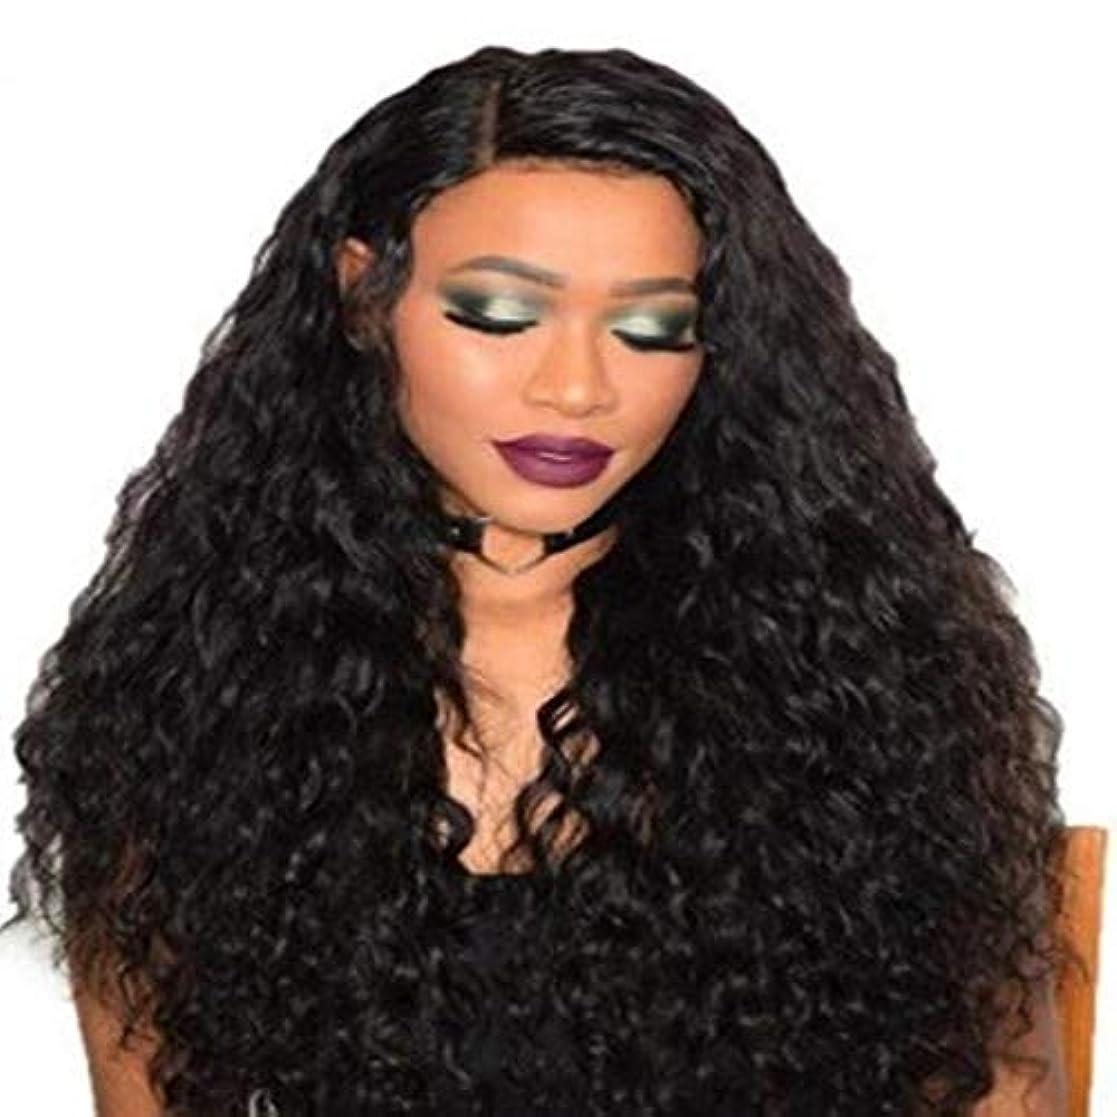 座る受賞あご女性の黒いトウモロコシ長い巻き毛のかつら75 cm